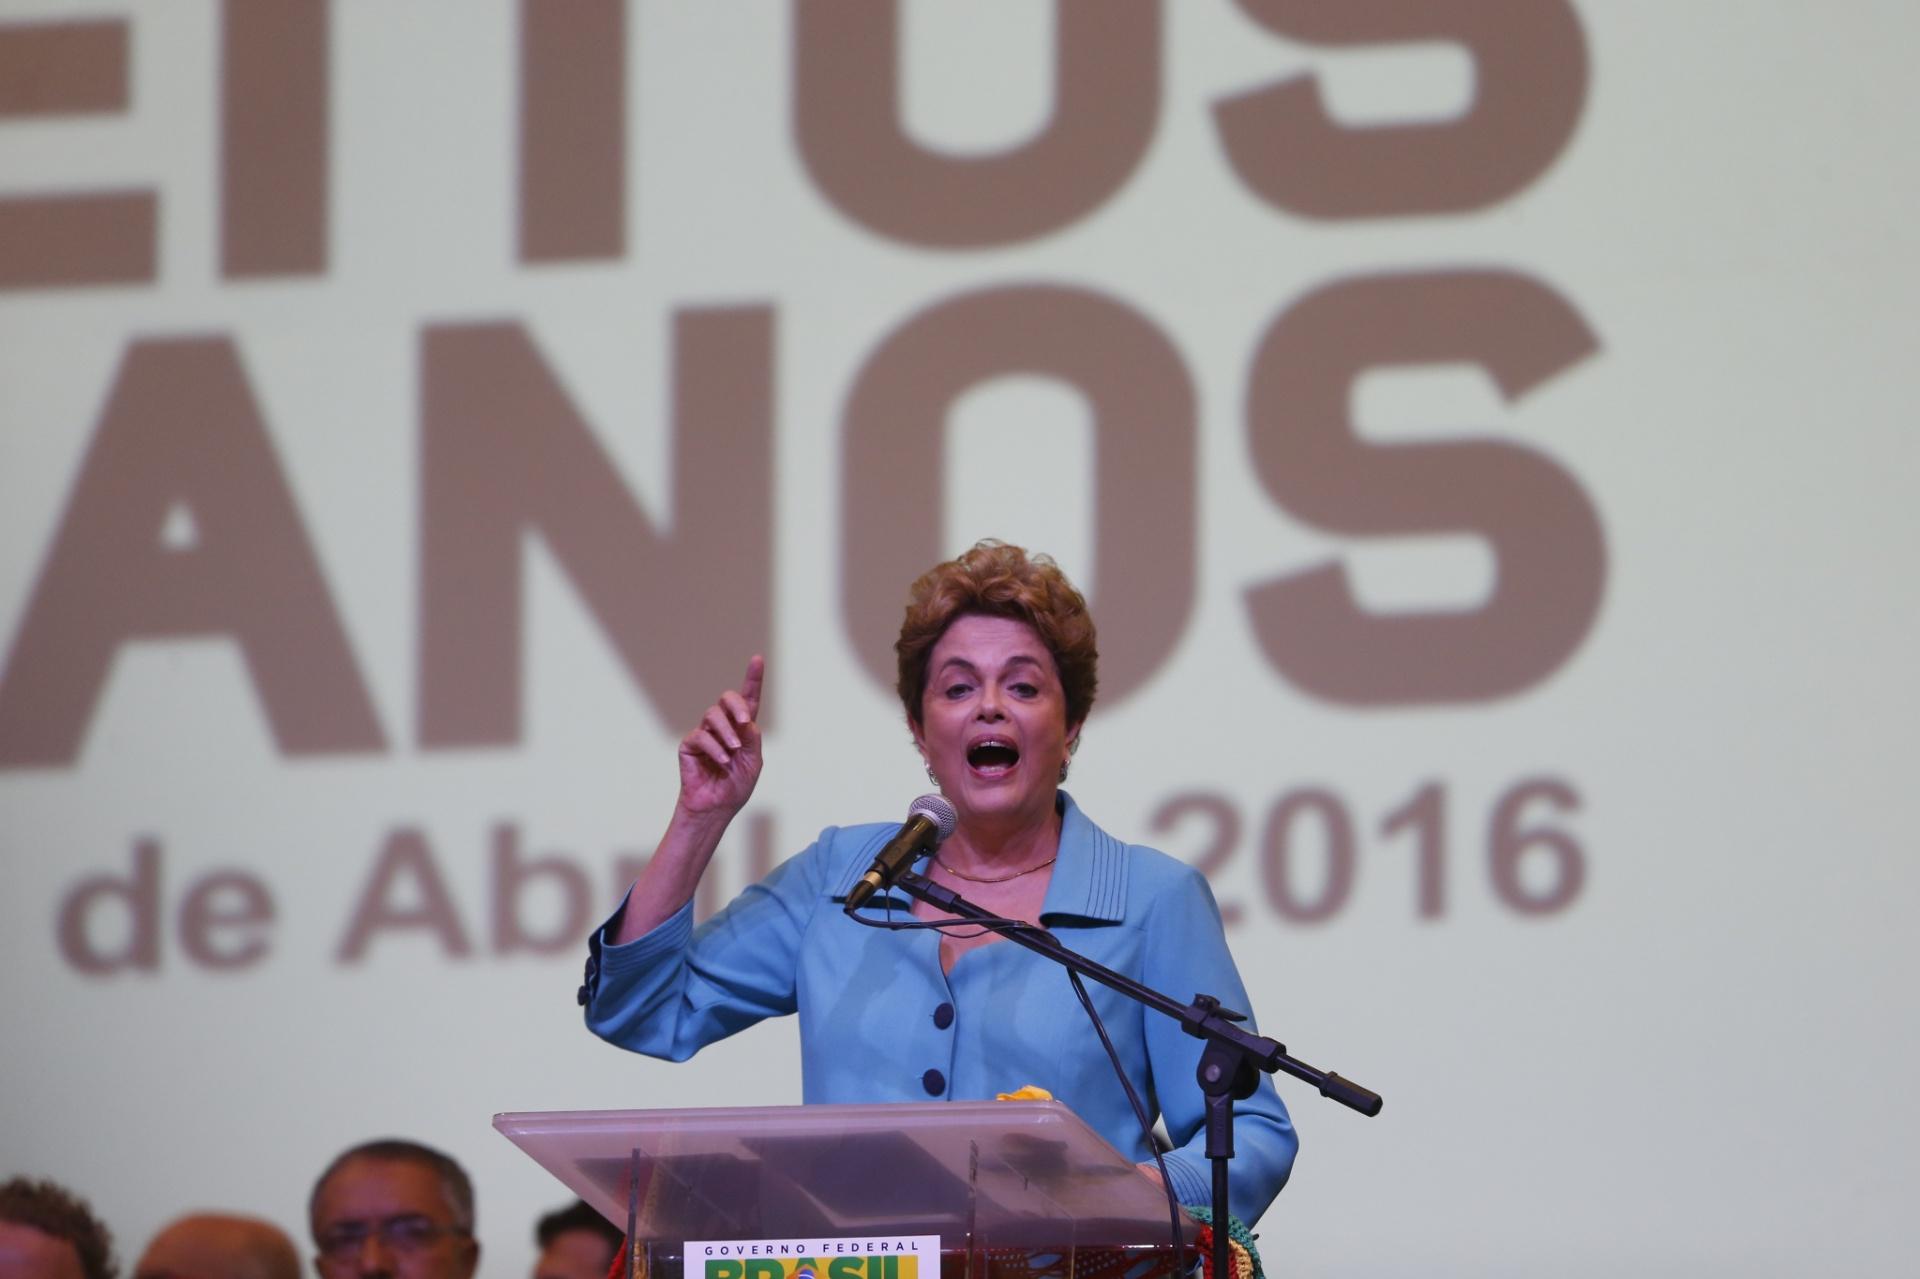 27.abr.2016 - A presidente Dilma Rousseff participa da Conferência Nacional de Direitos Humanos, no Centro Internacional de Convenções, de Brasília